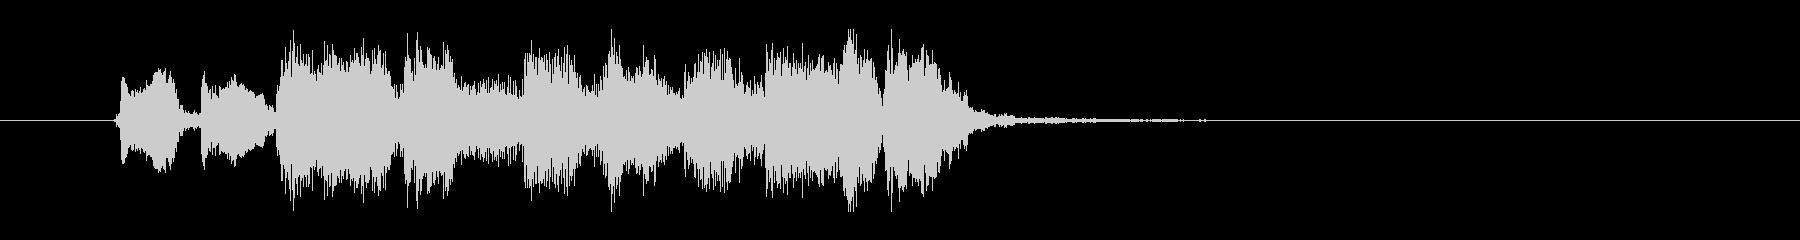 ワイルドなロックナンバーの未再生の波形